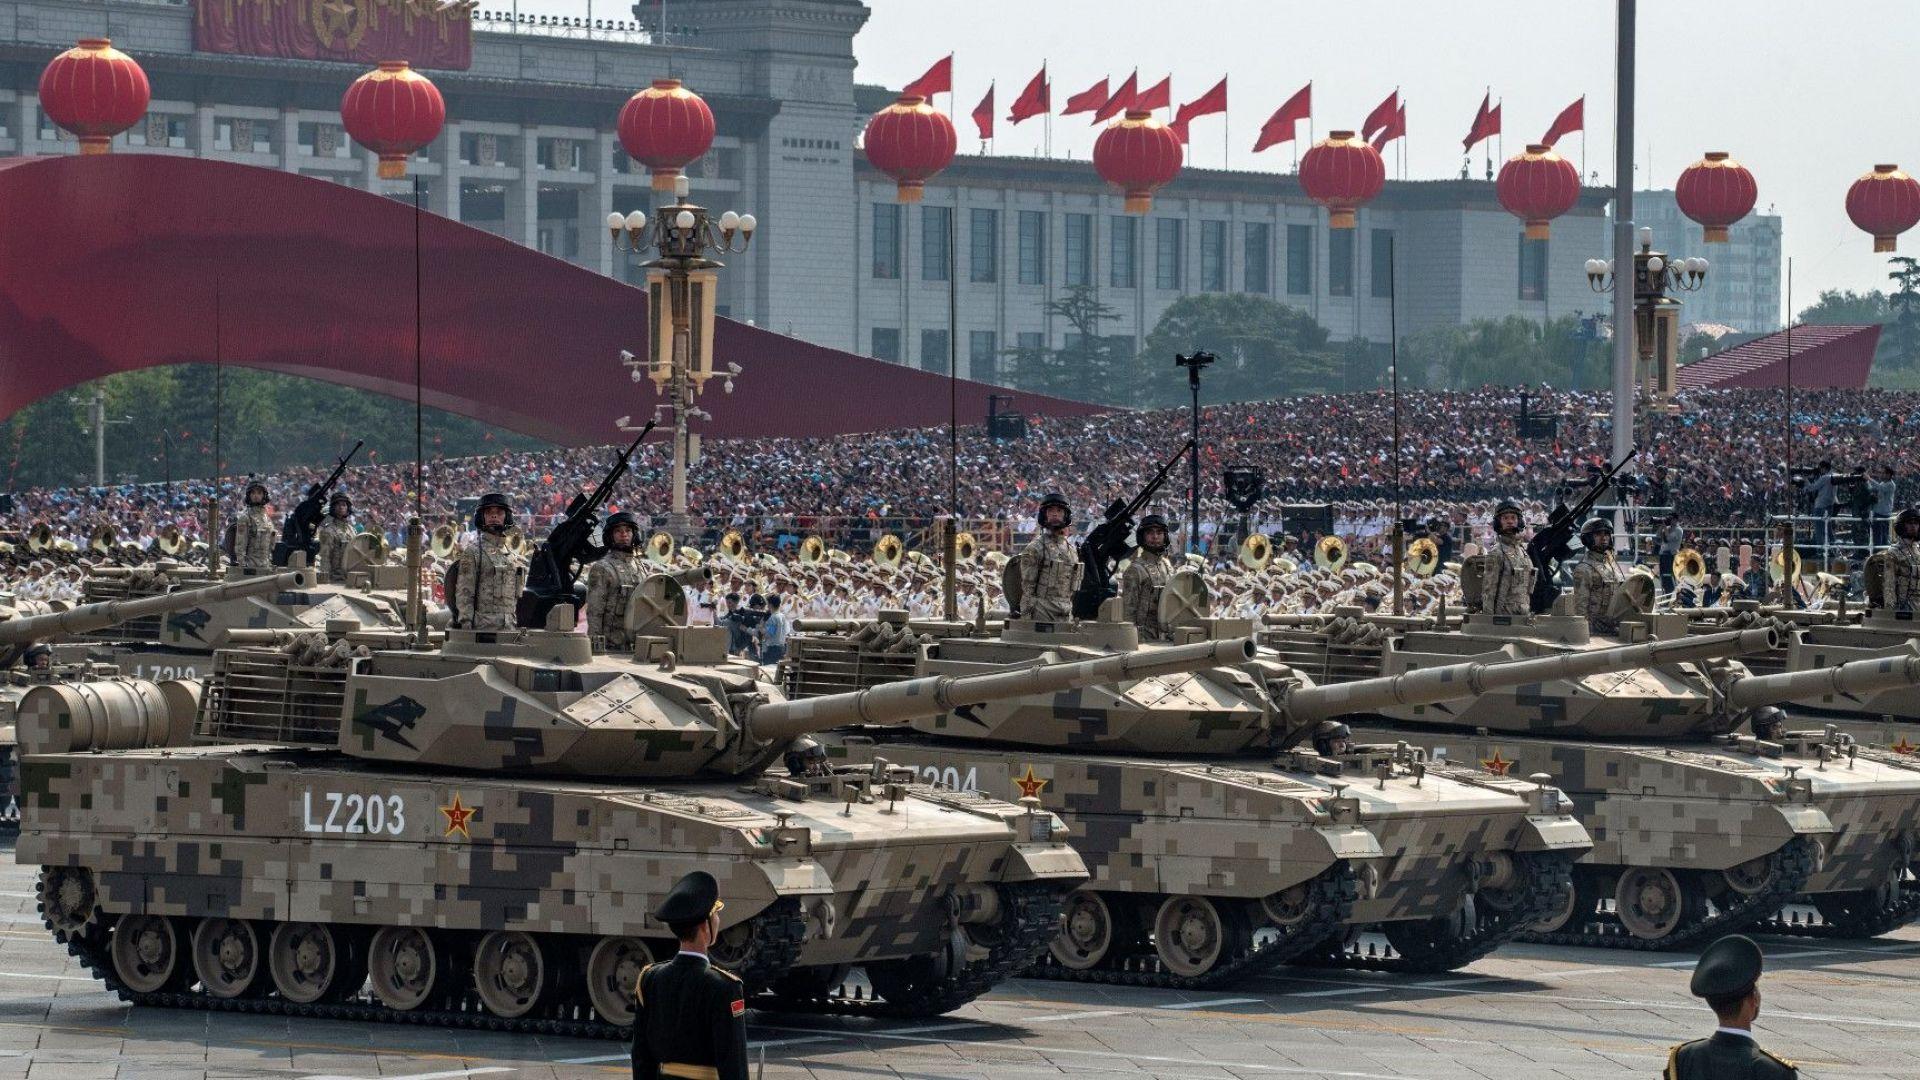 Грохотът от танкове разпали патриотични страсти в Пекин